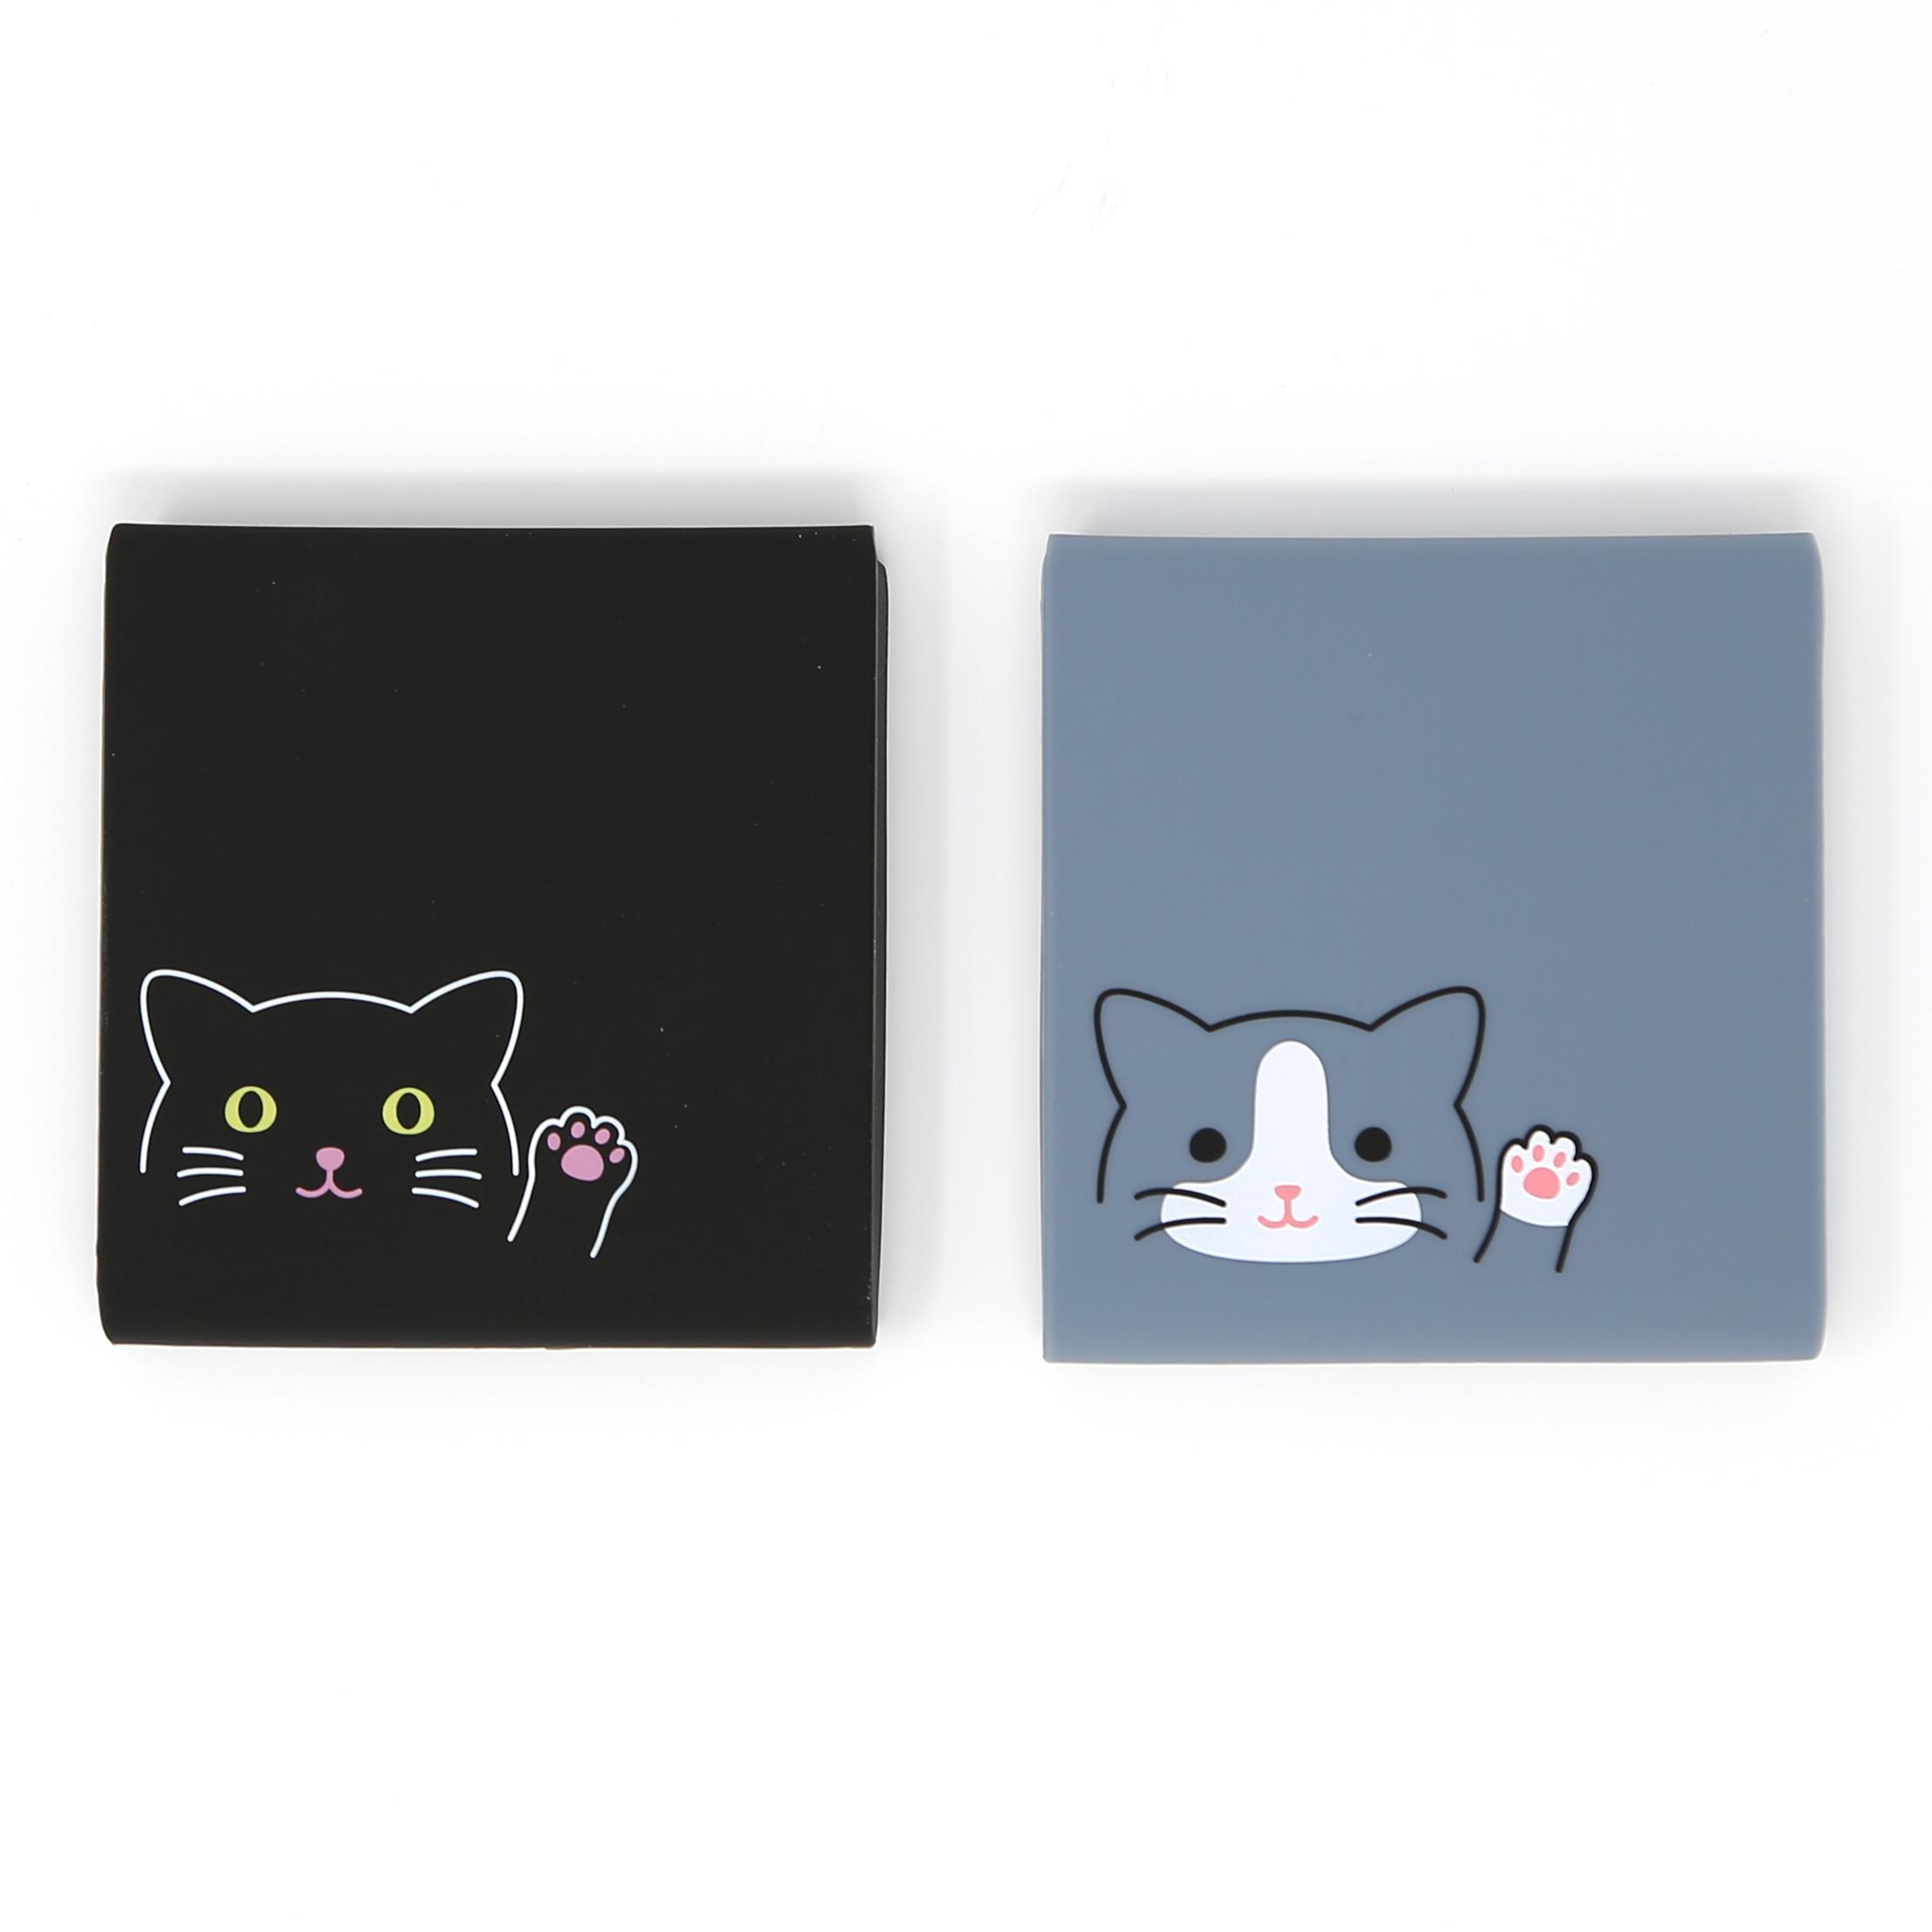 猫ふせんケース(ふせん付Lサイズ)全2種類